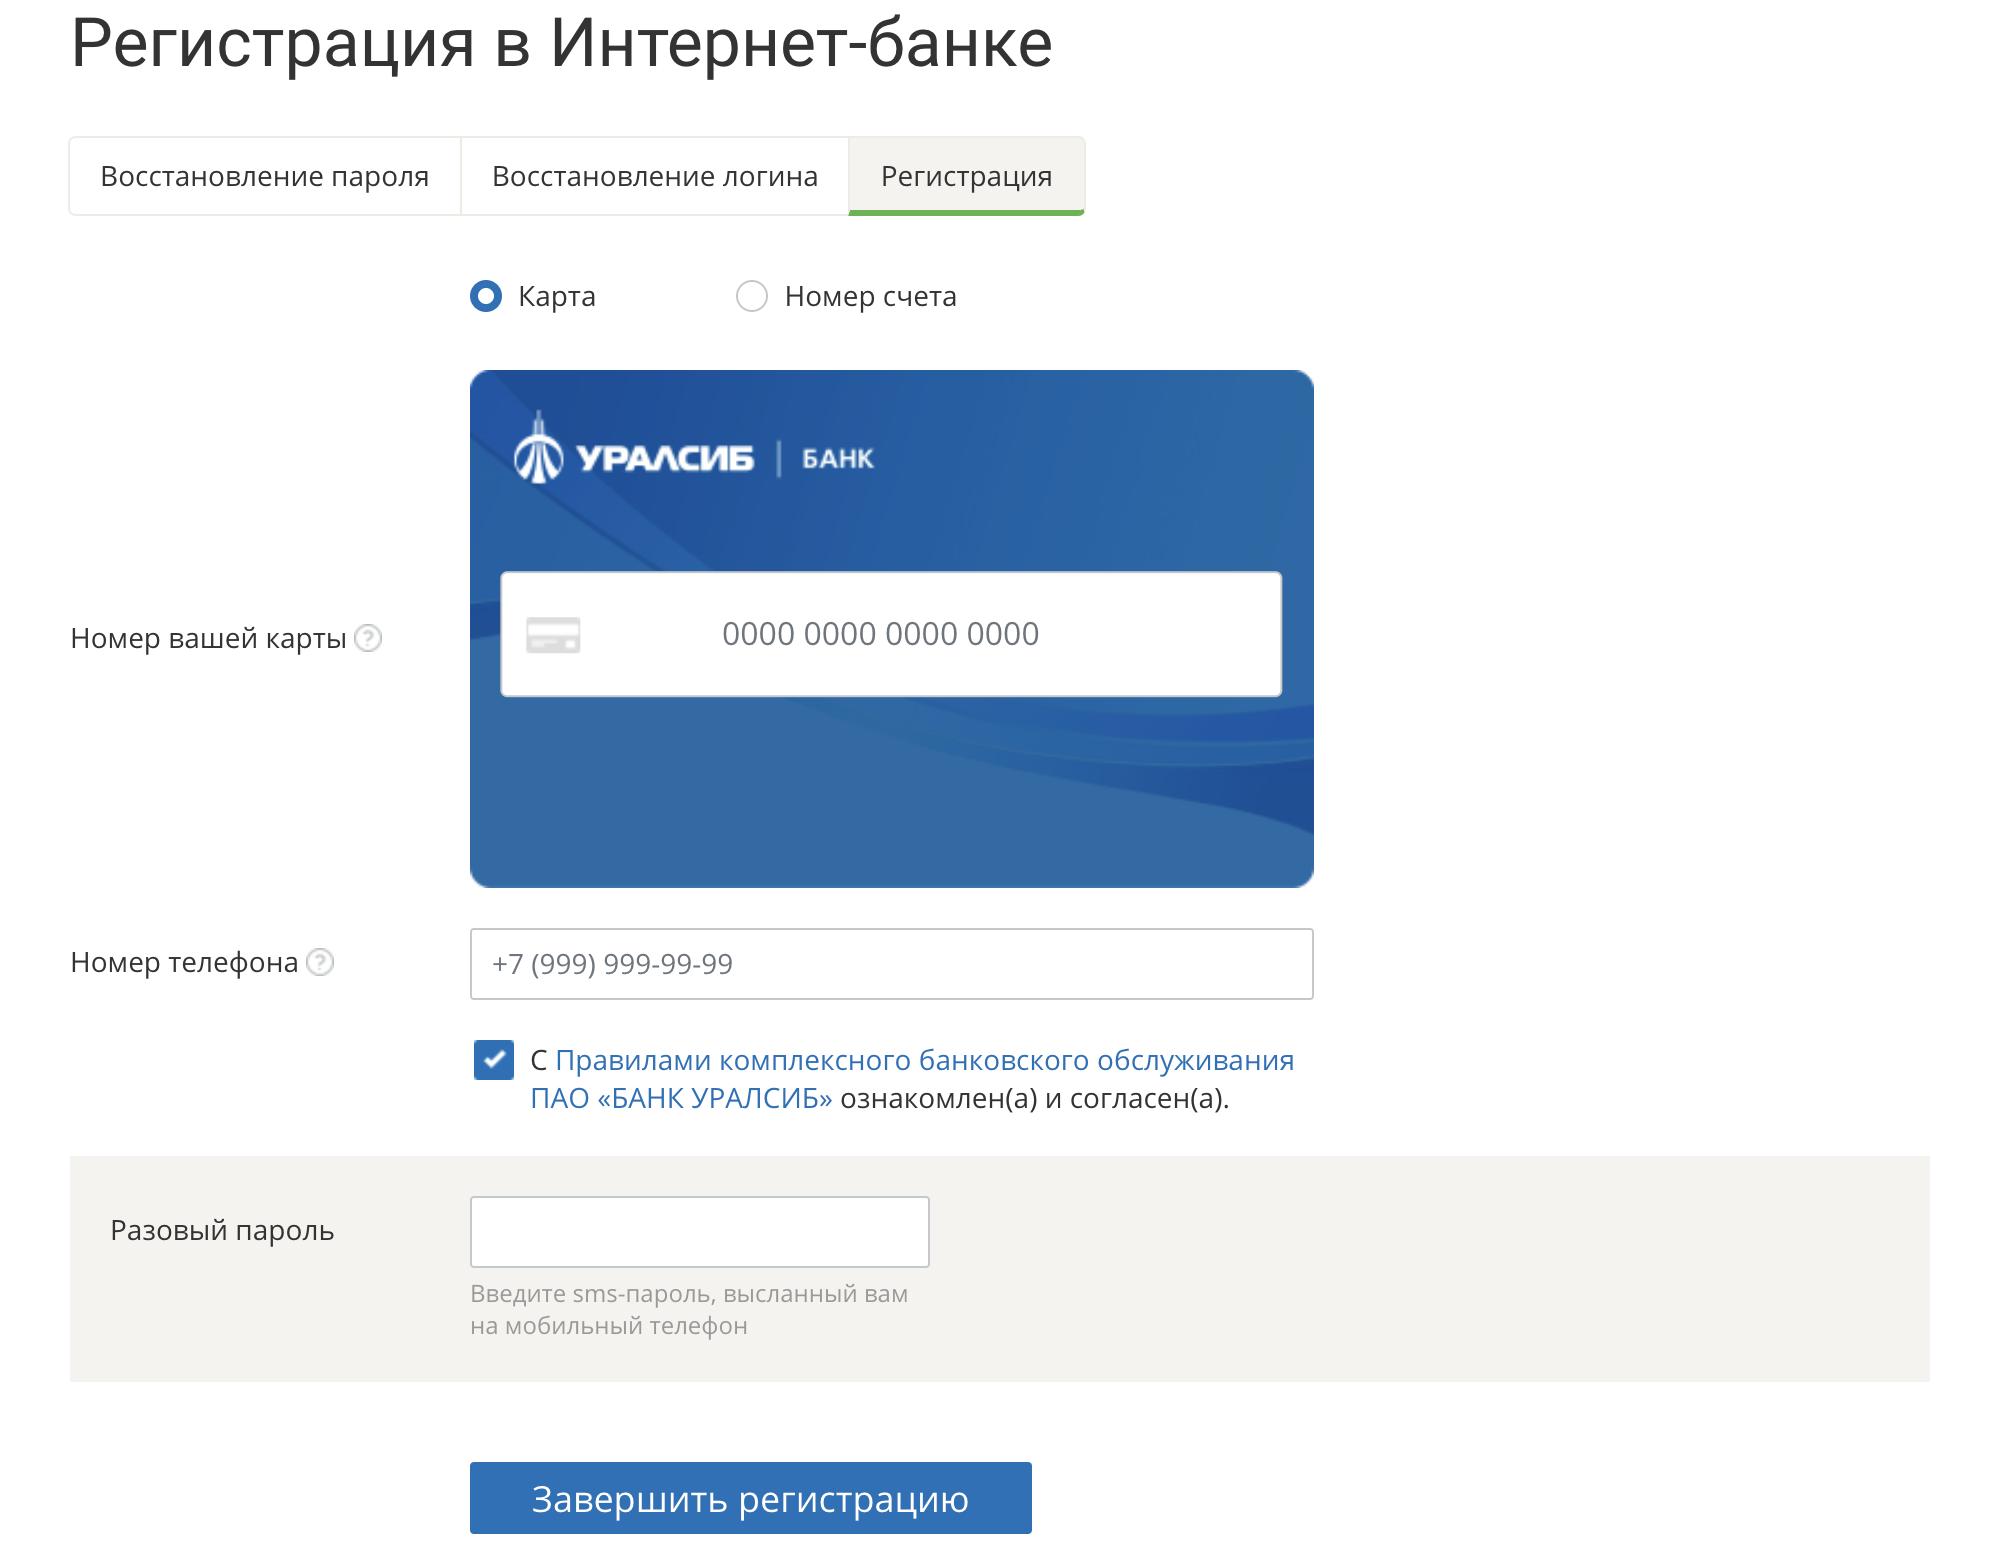 uralsib-register.png